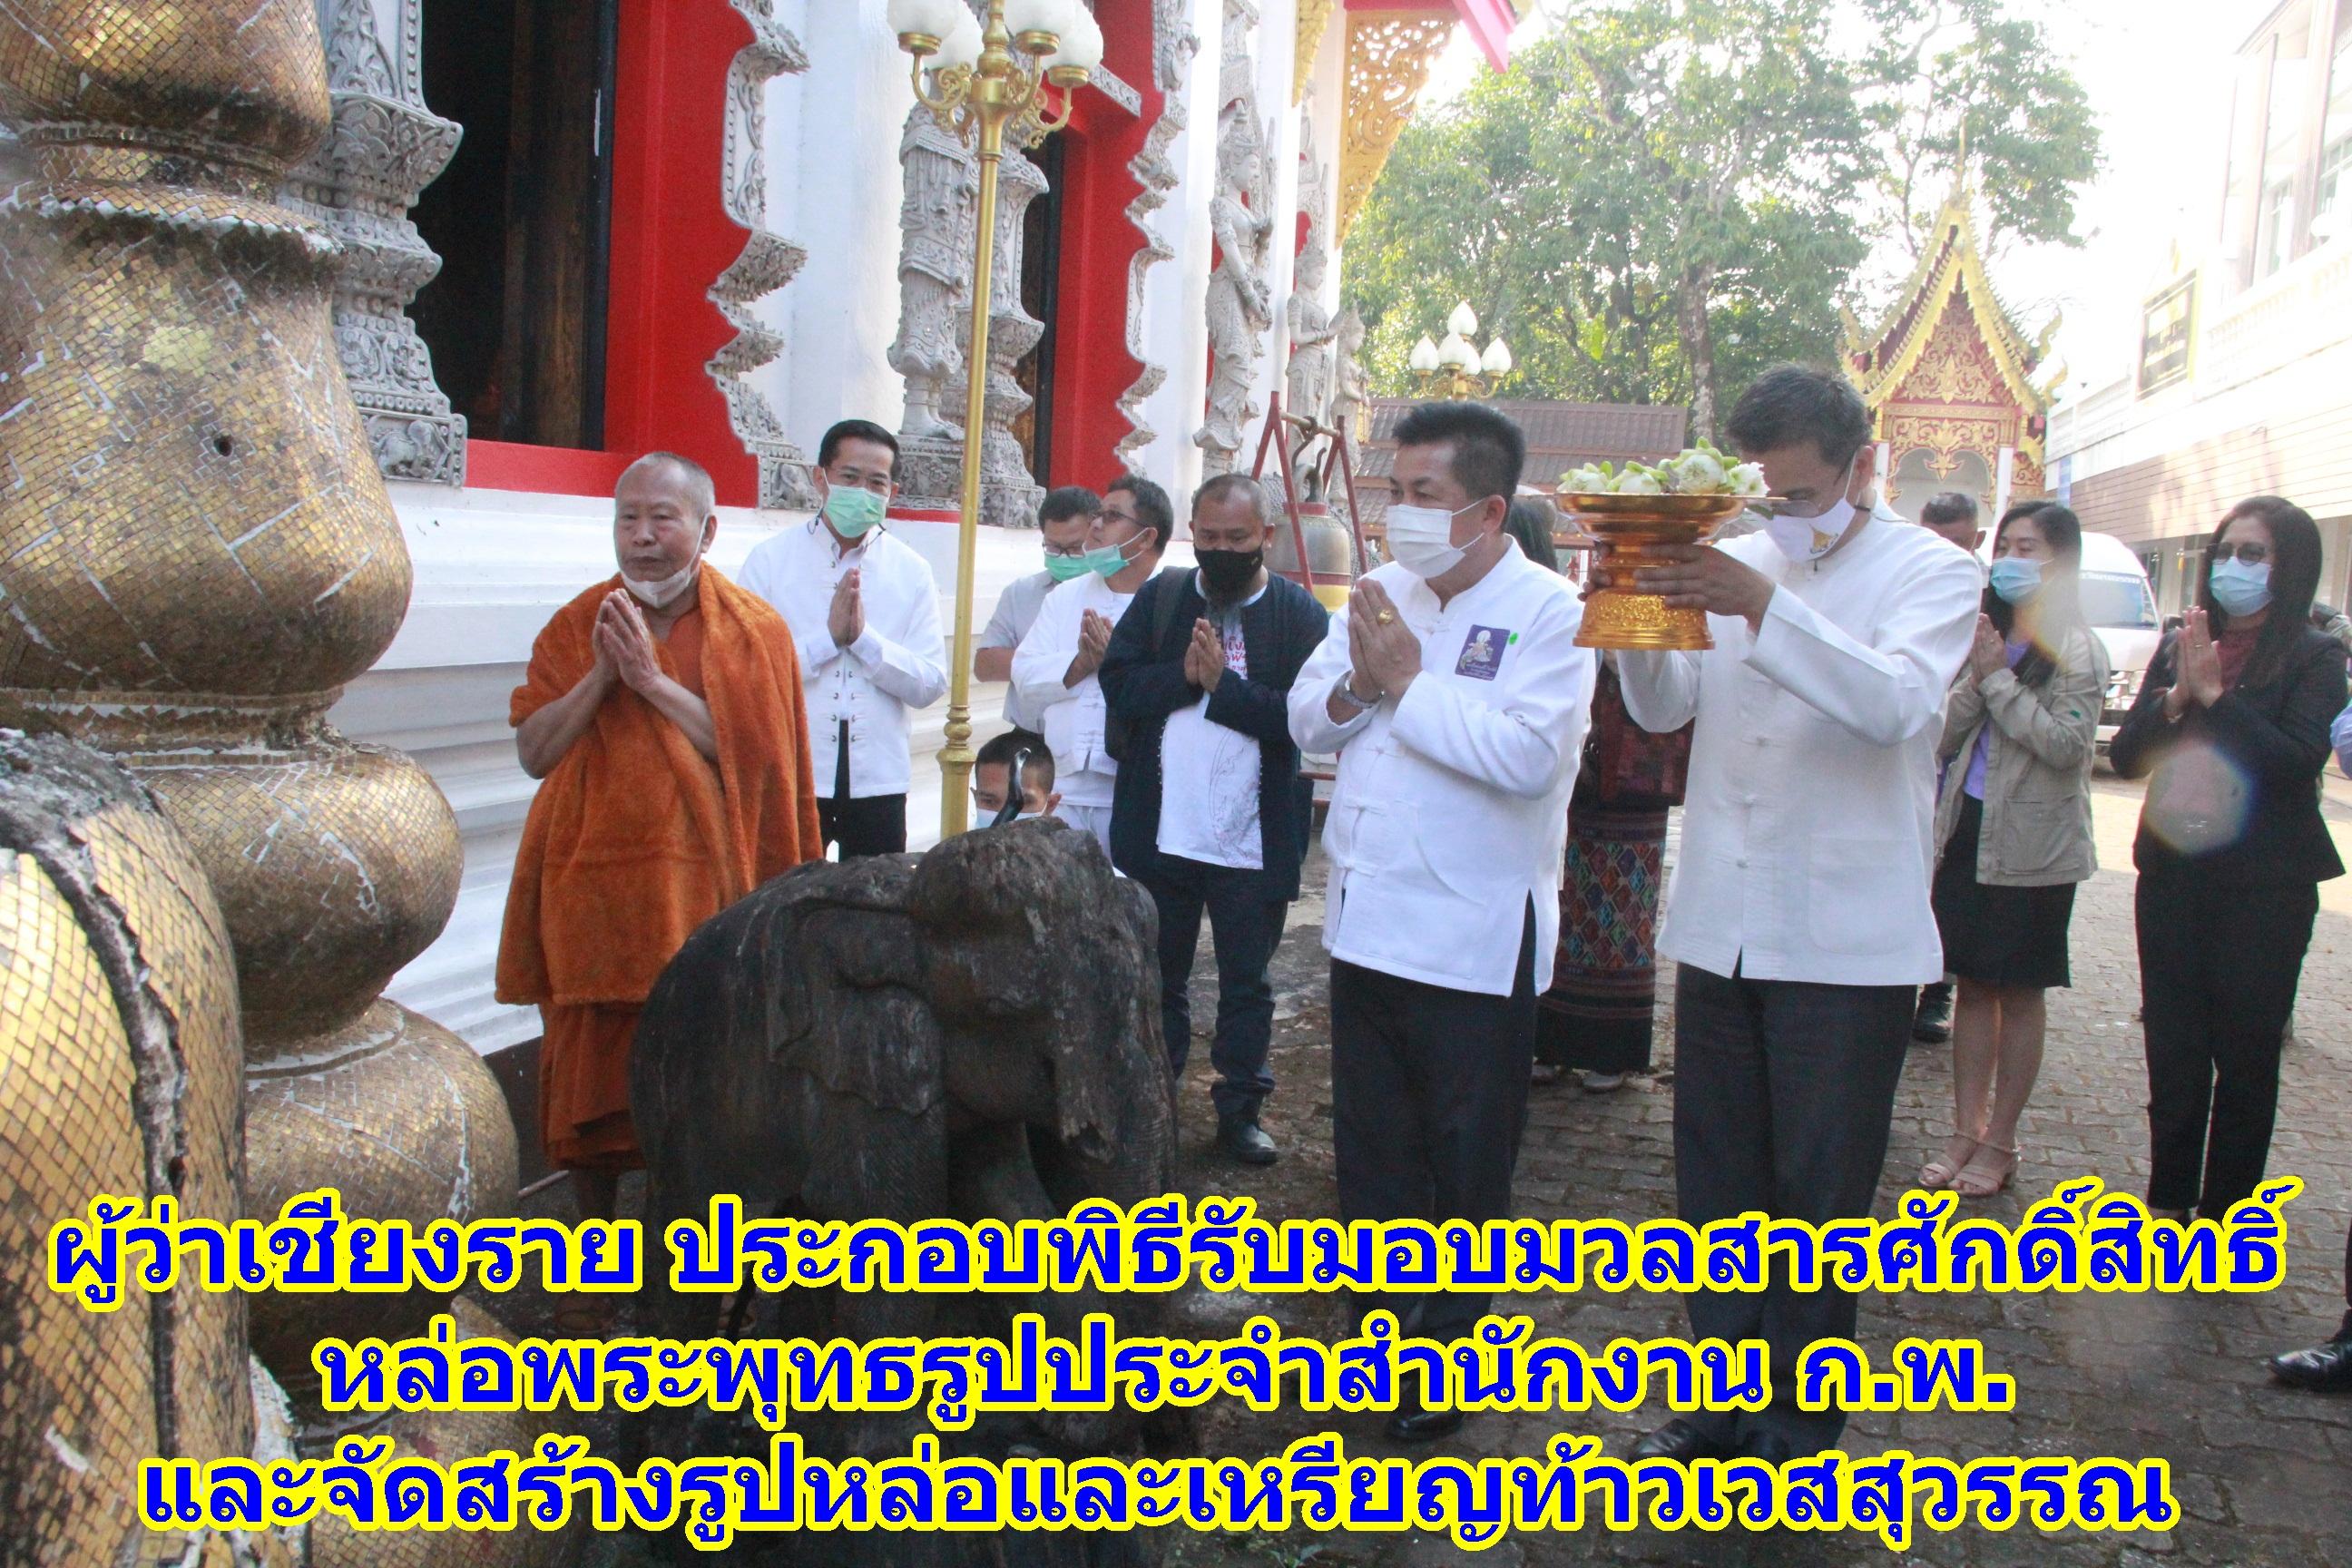 ผู้ว่าเชียงราย ประกอบพิธีรับมอบมวลสารศักดิ์สิทธิ์ หล่อพระพุทธรูปประจำสำนักงาน ก.พ. และจัดสร้างรูปหล่อและเหรียญท้าวเวสสุวรรณ